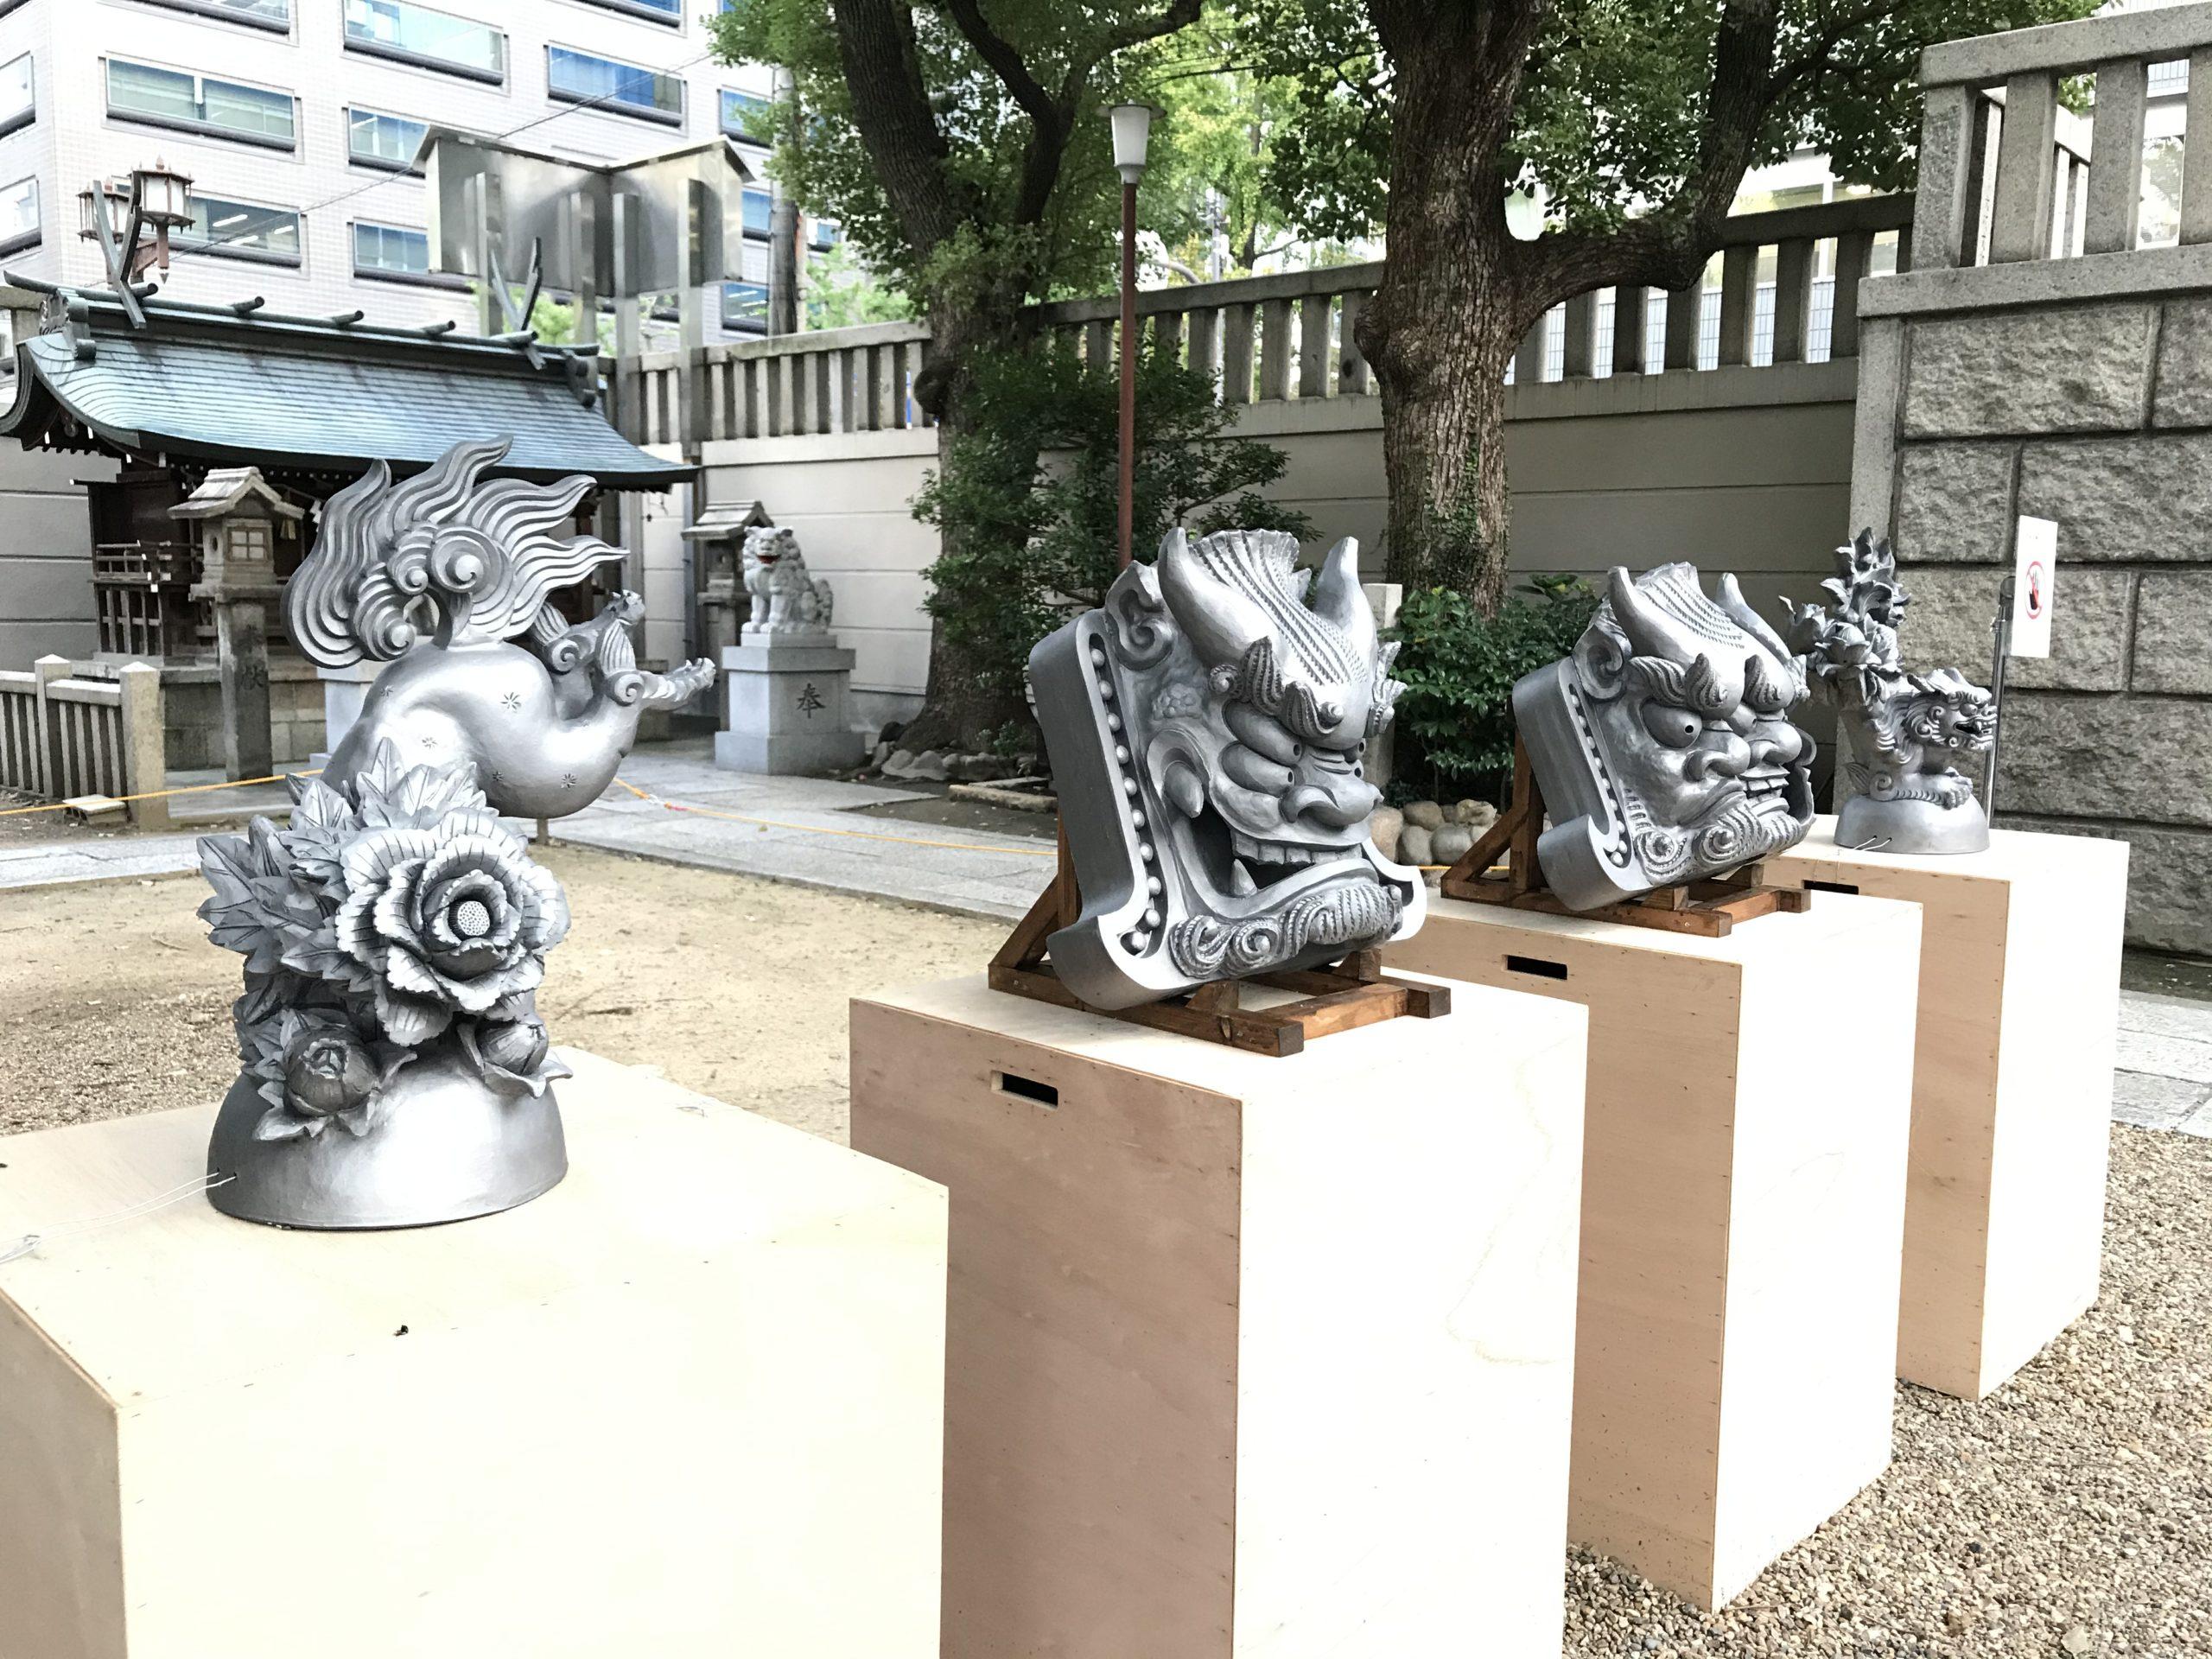 難波神社の獅子、狛犬、アート展示